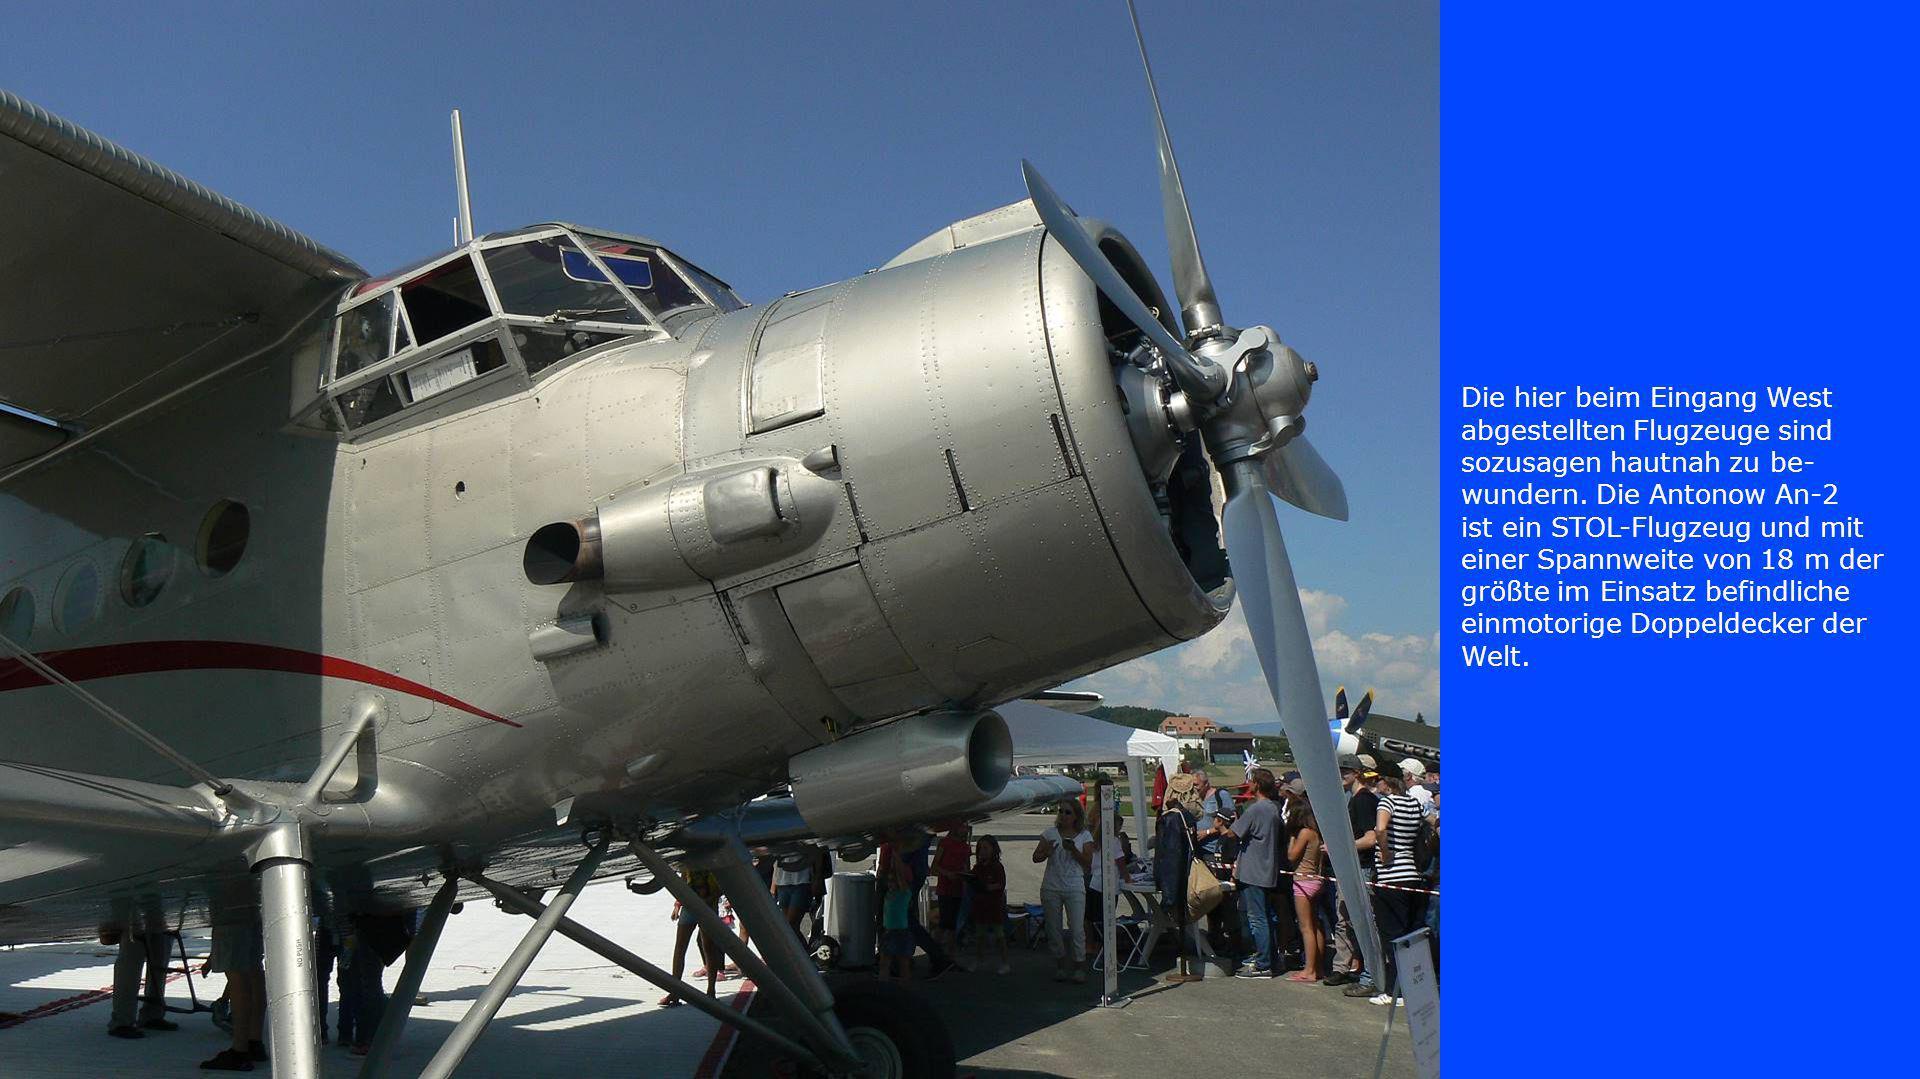 Die hier beim Eingang West abgestellten Flugzeuge sind sozusagen hautnah zu be- wundern. Die Antonow An-2 ist ein STOL-Flugzeug und mit einer Spannwei